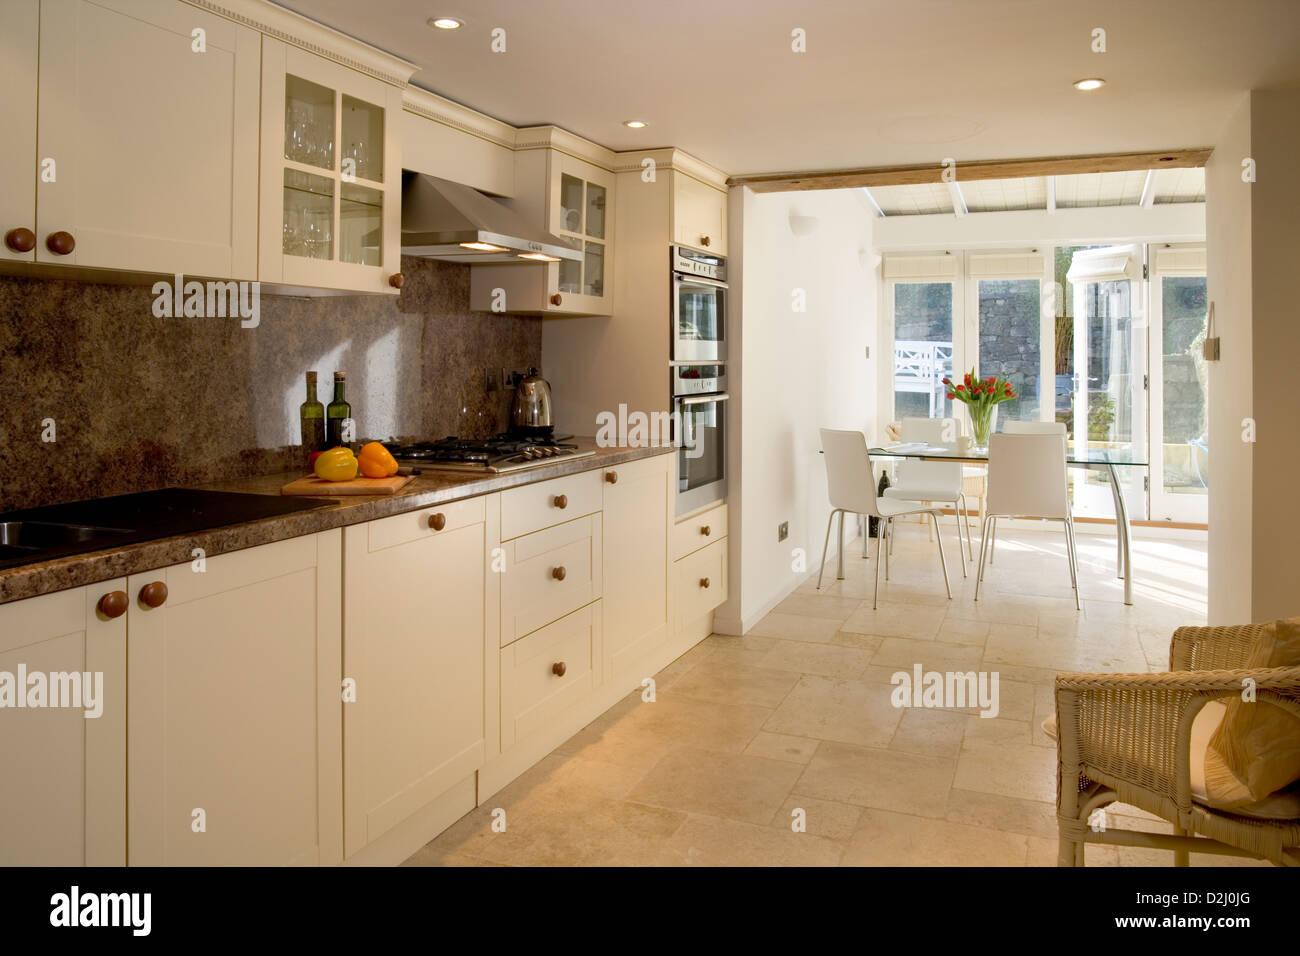 Uno stile contemporaneo cucina con area da pranzo Foto & Immagine ...